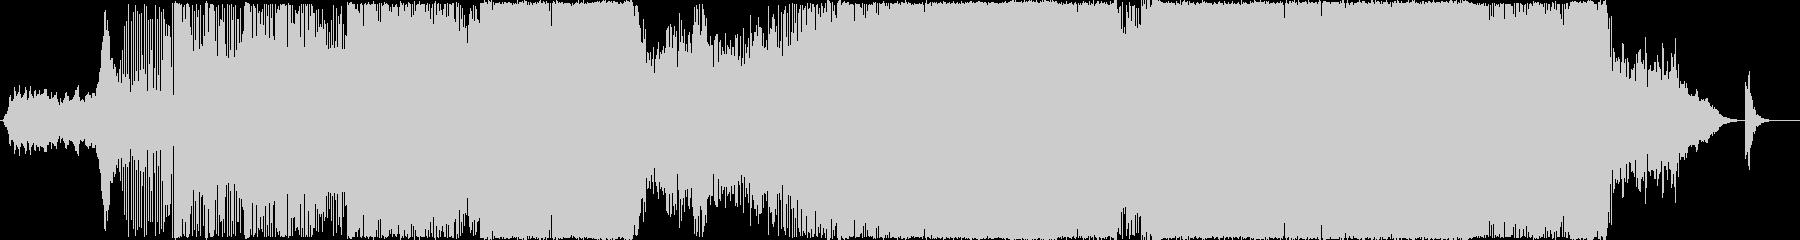 エレクトリックなサウンドのトランスの未再生の波形